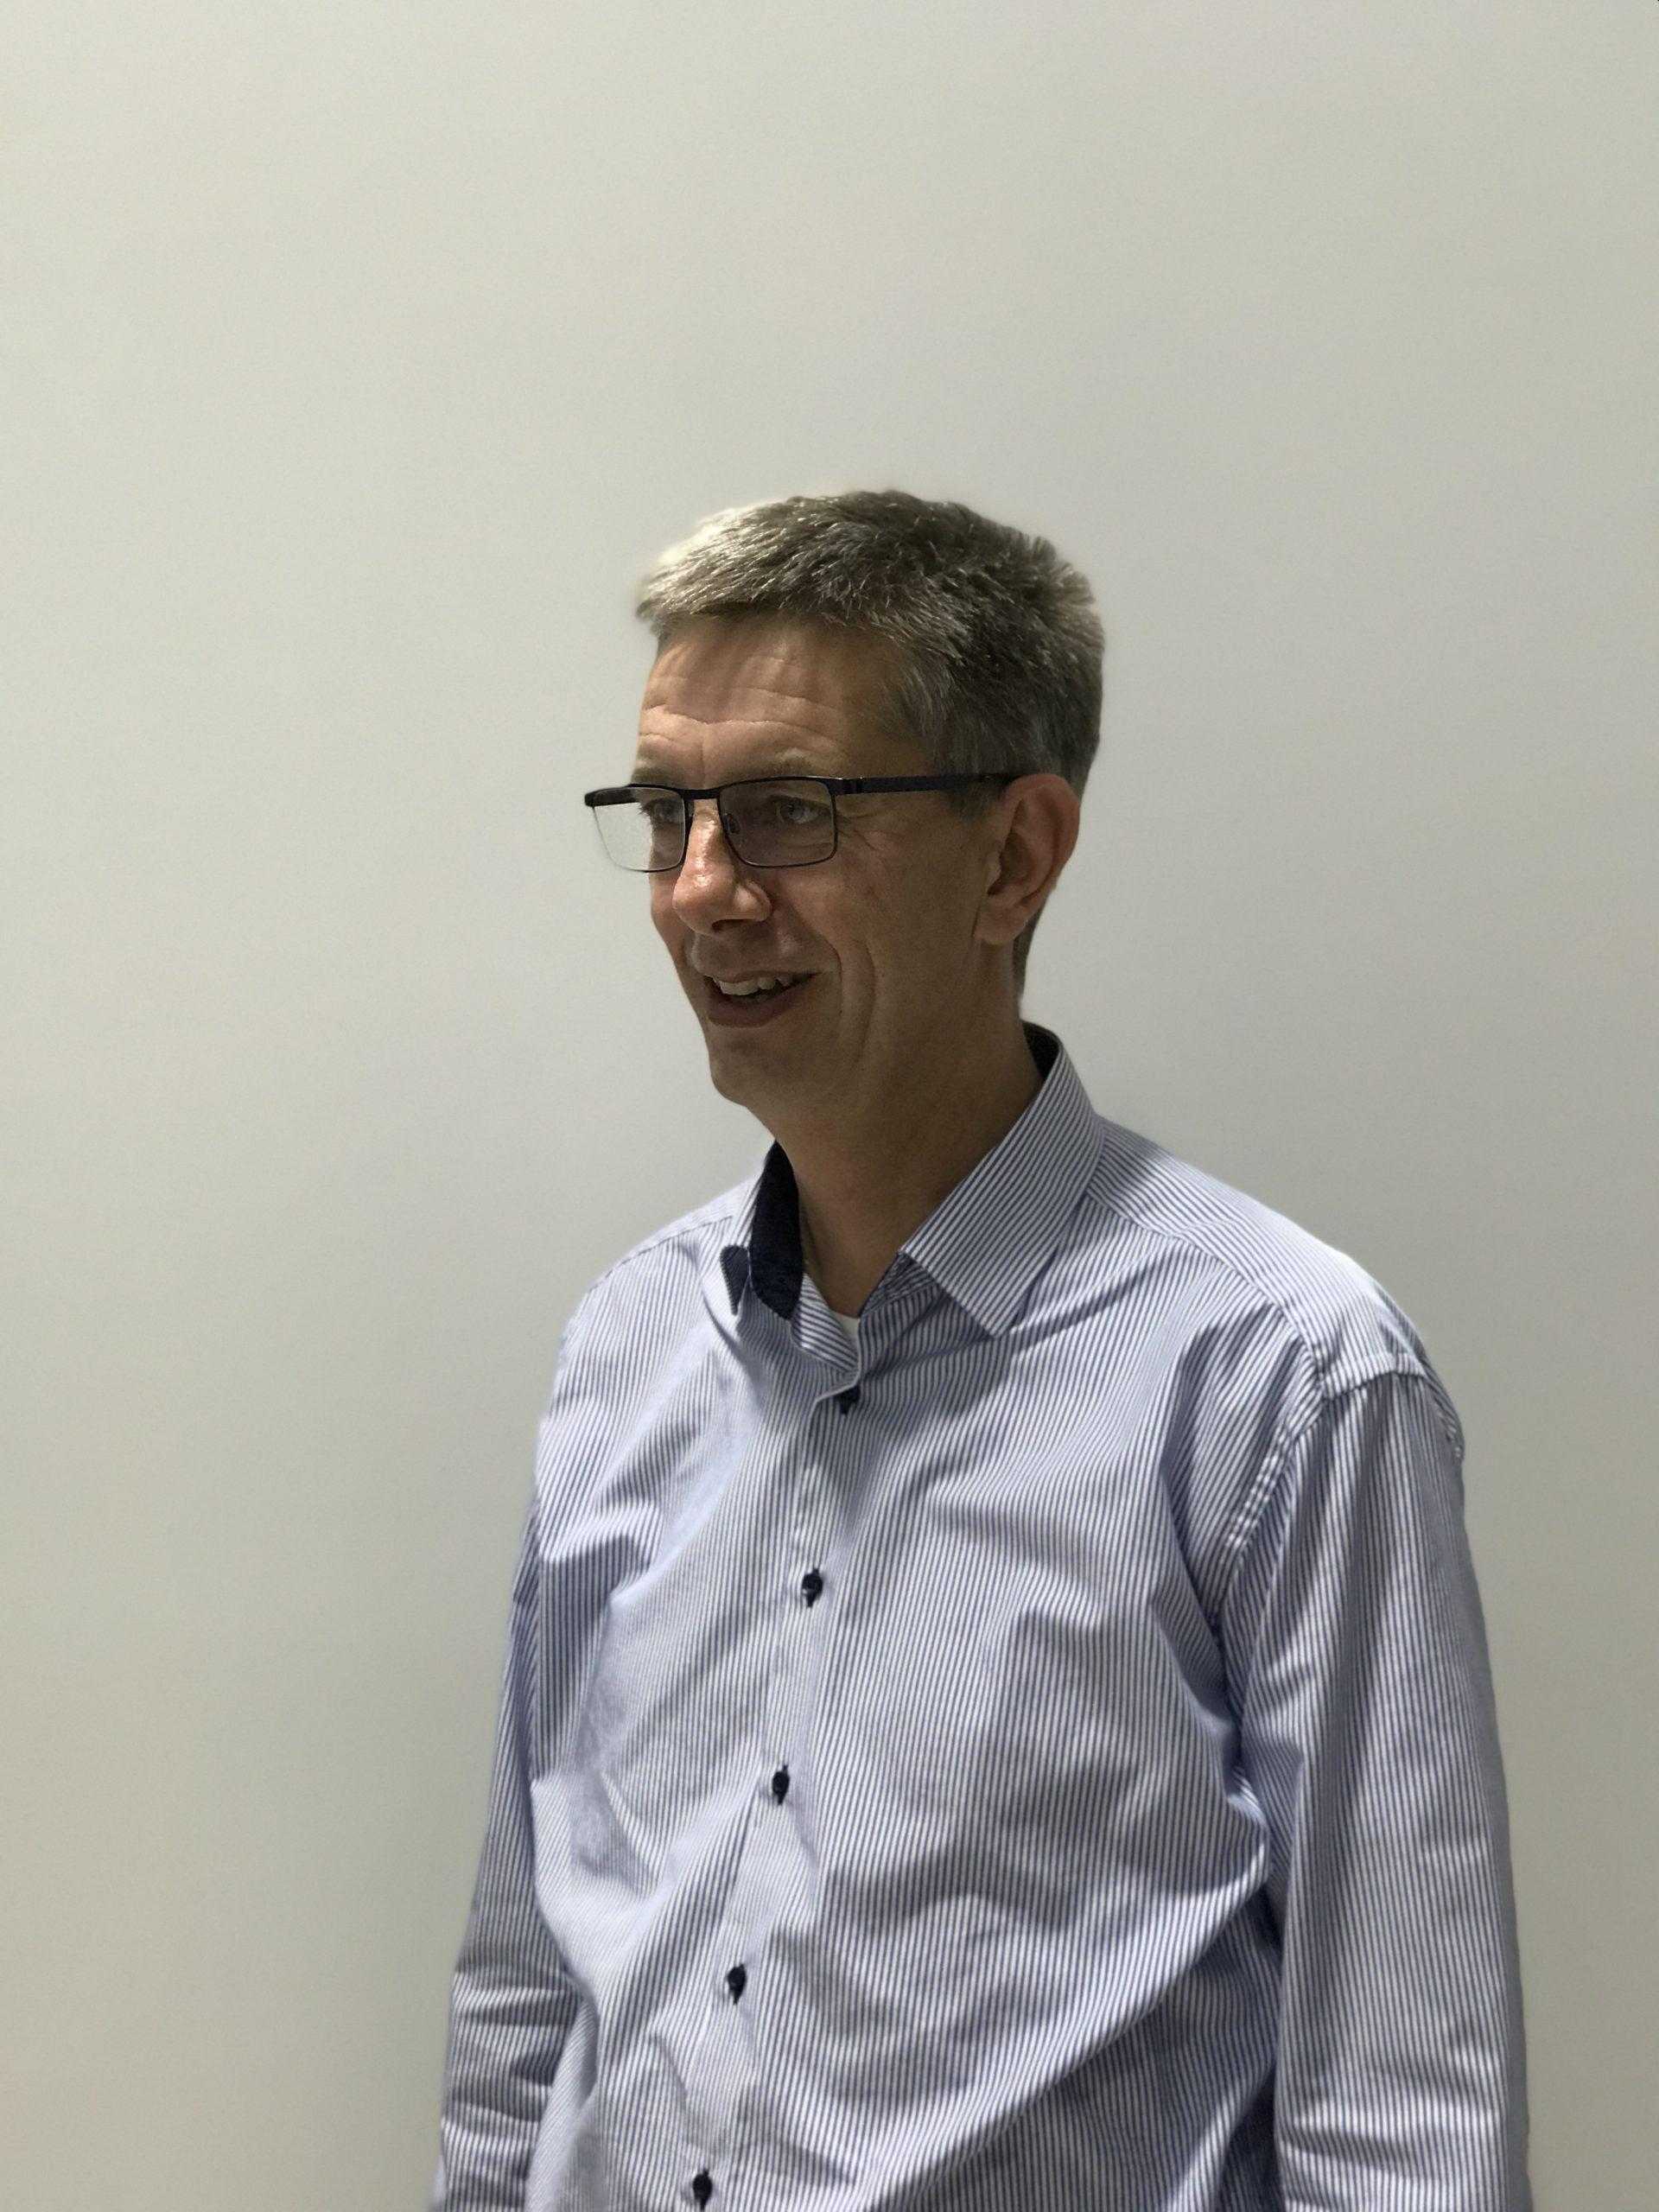 Morten Mandsberg